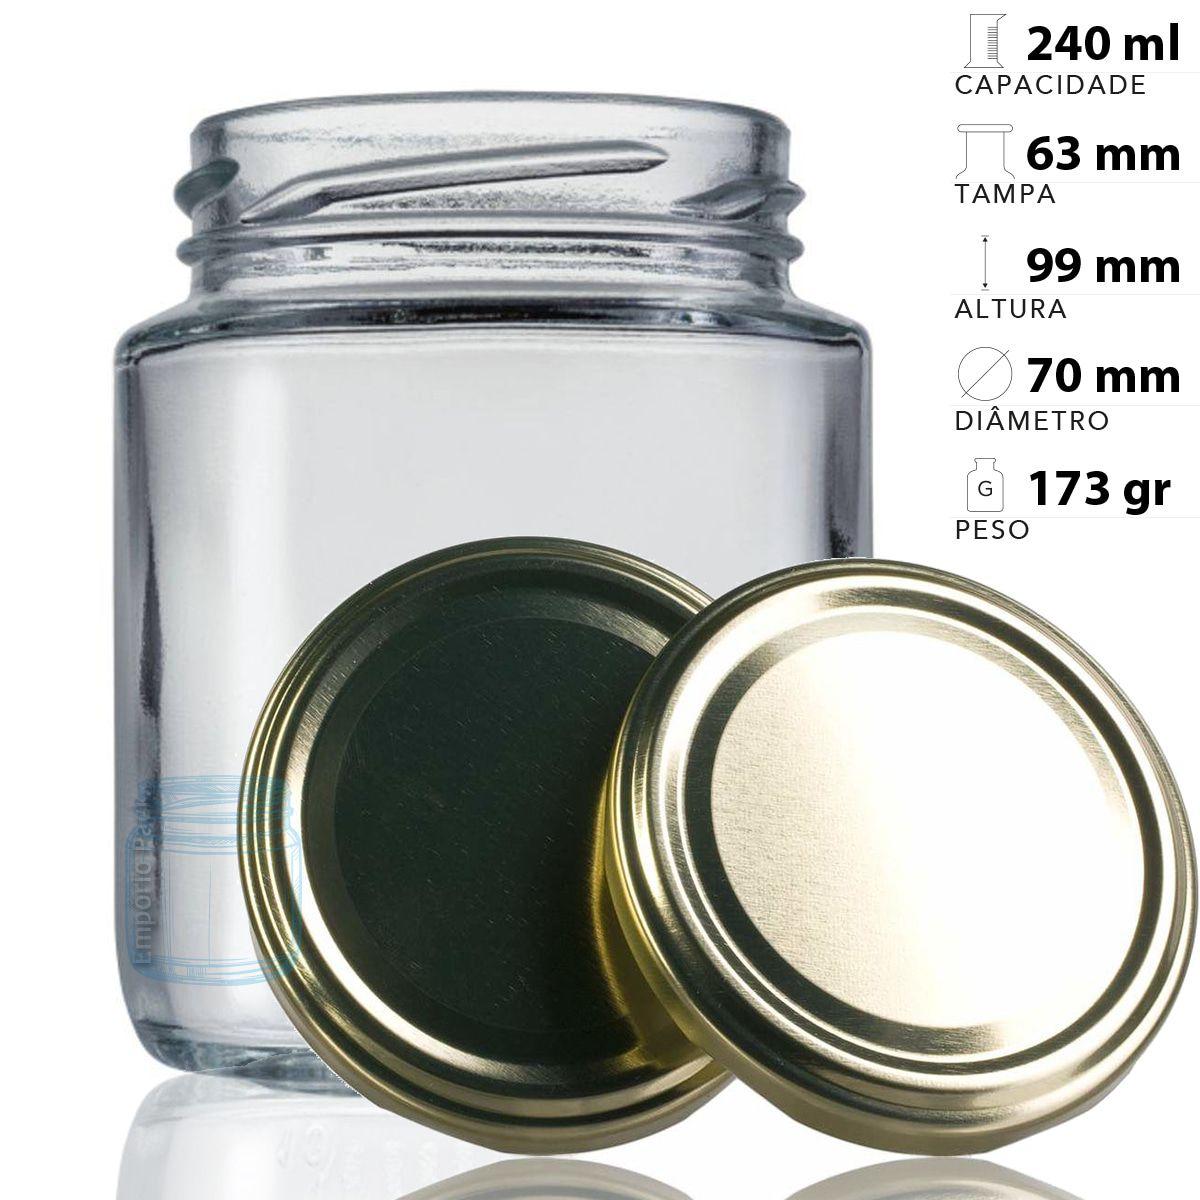 12 Pote vidro 240 ml + etiqueta adesiva em vinil de tempero  - EMPÓRIO PACK